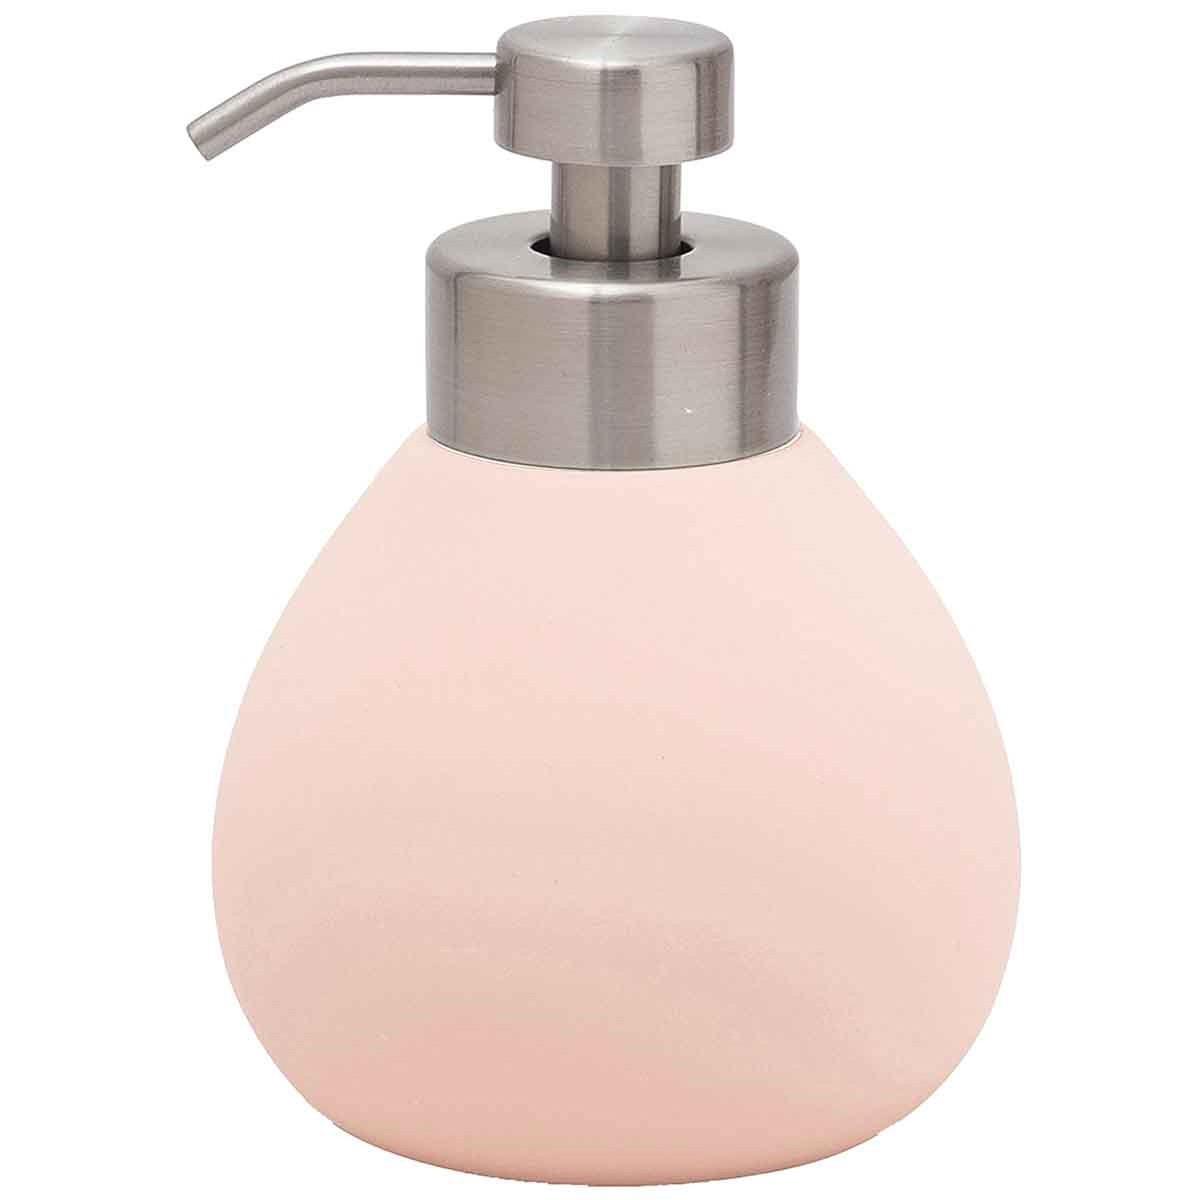 Distributeur de savon en céramique  Rose Poudre